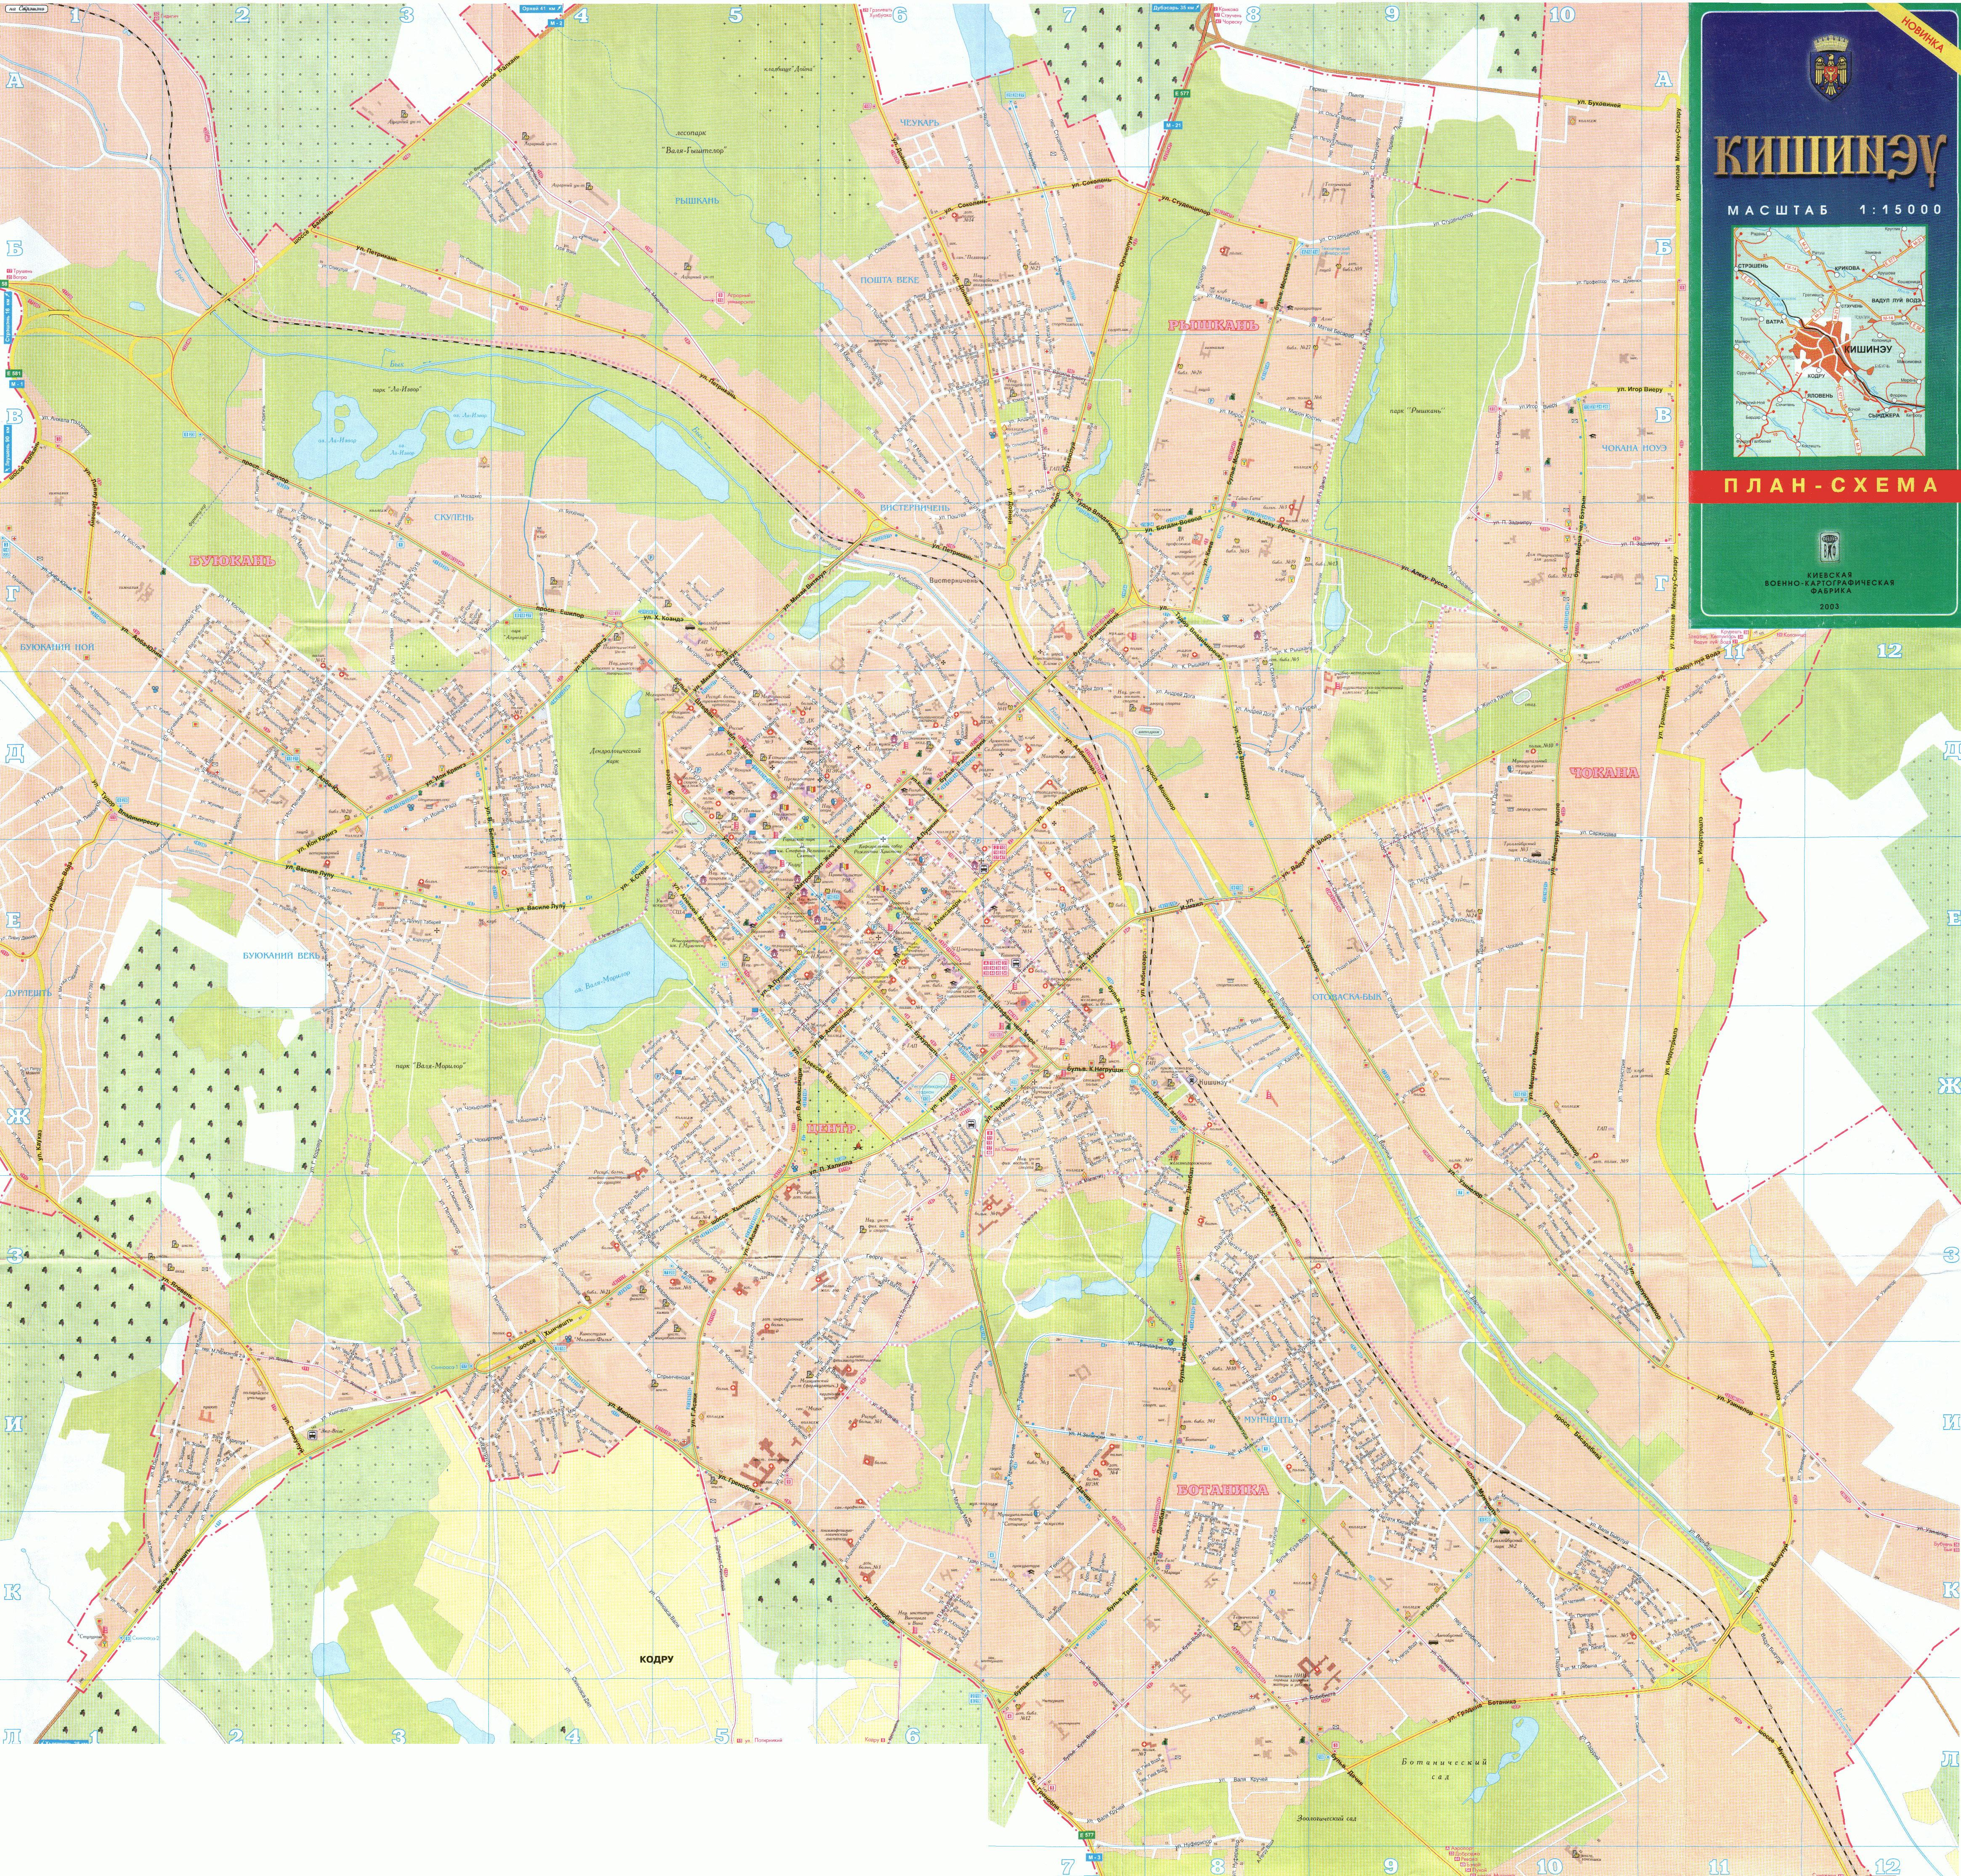 Карта Кишинева С Номерами Улиц - agapas: http://agapas.weebly.com/blog/karta-kishineva-s-nomerami-ulic